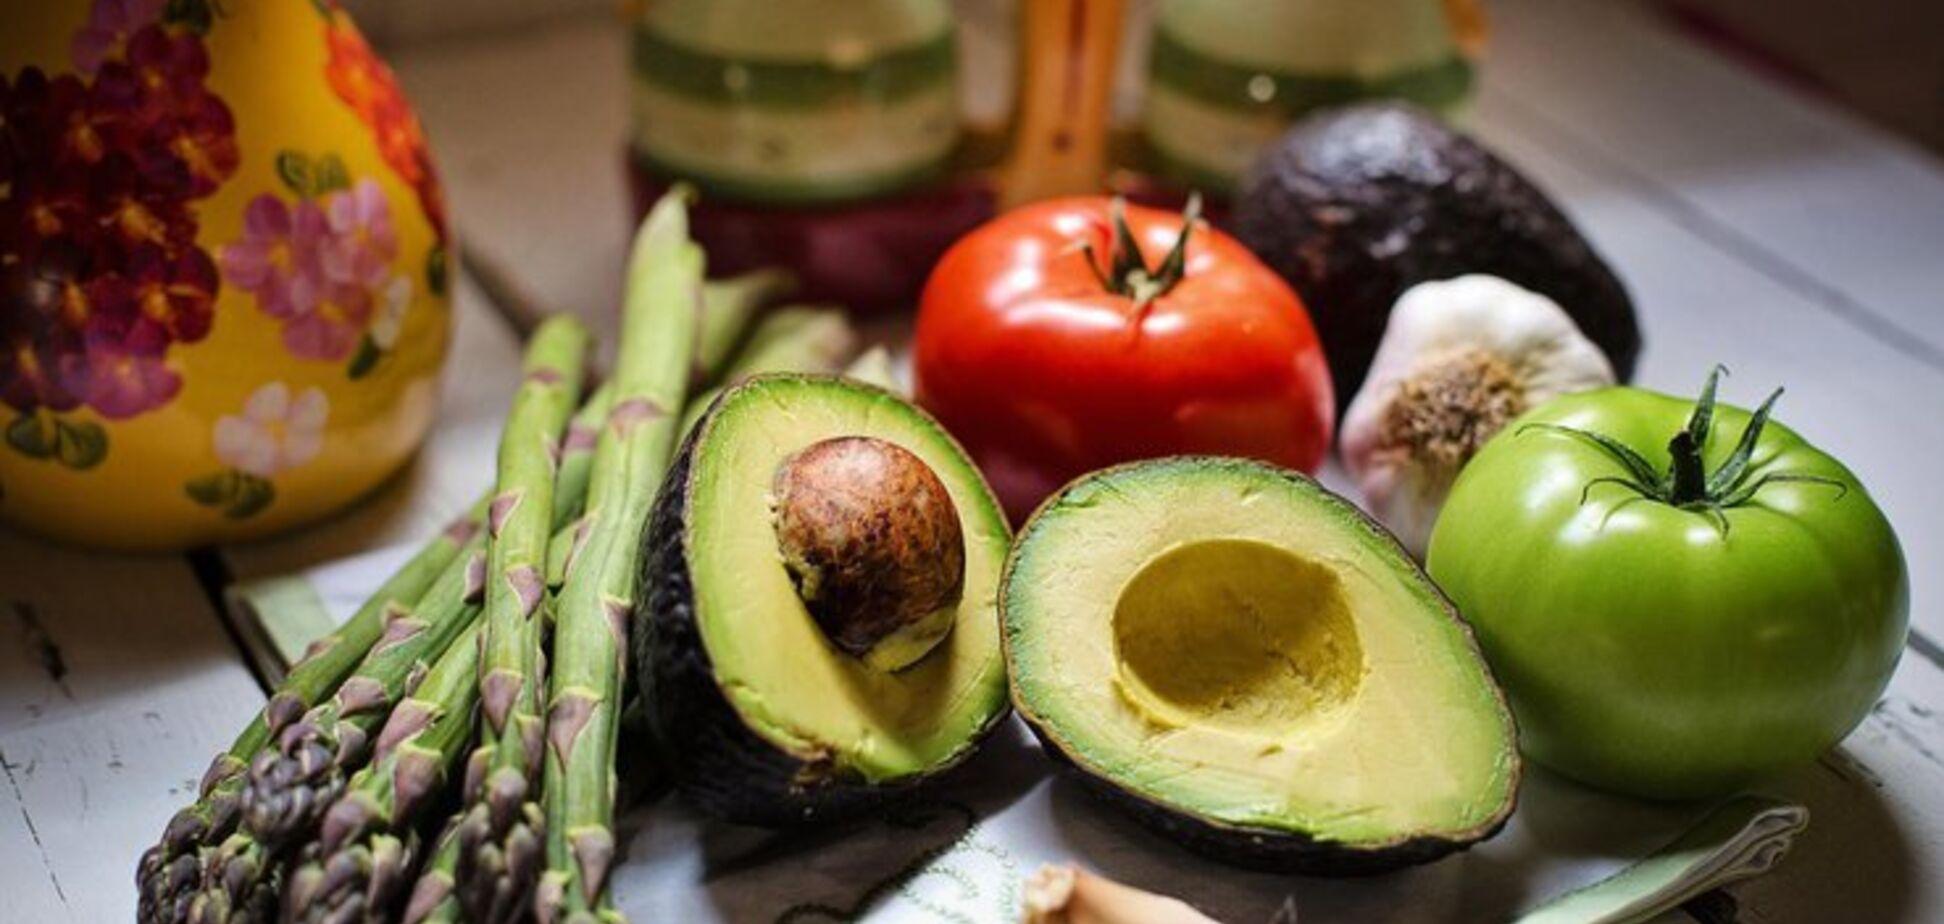 'В них больше антиоксидантов': ученые нашли способ защититься от рака